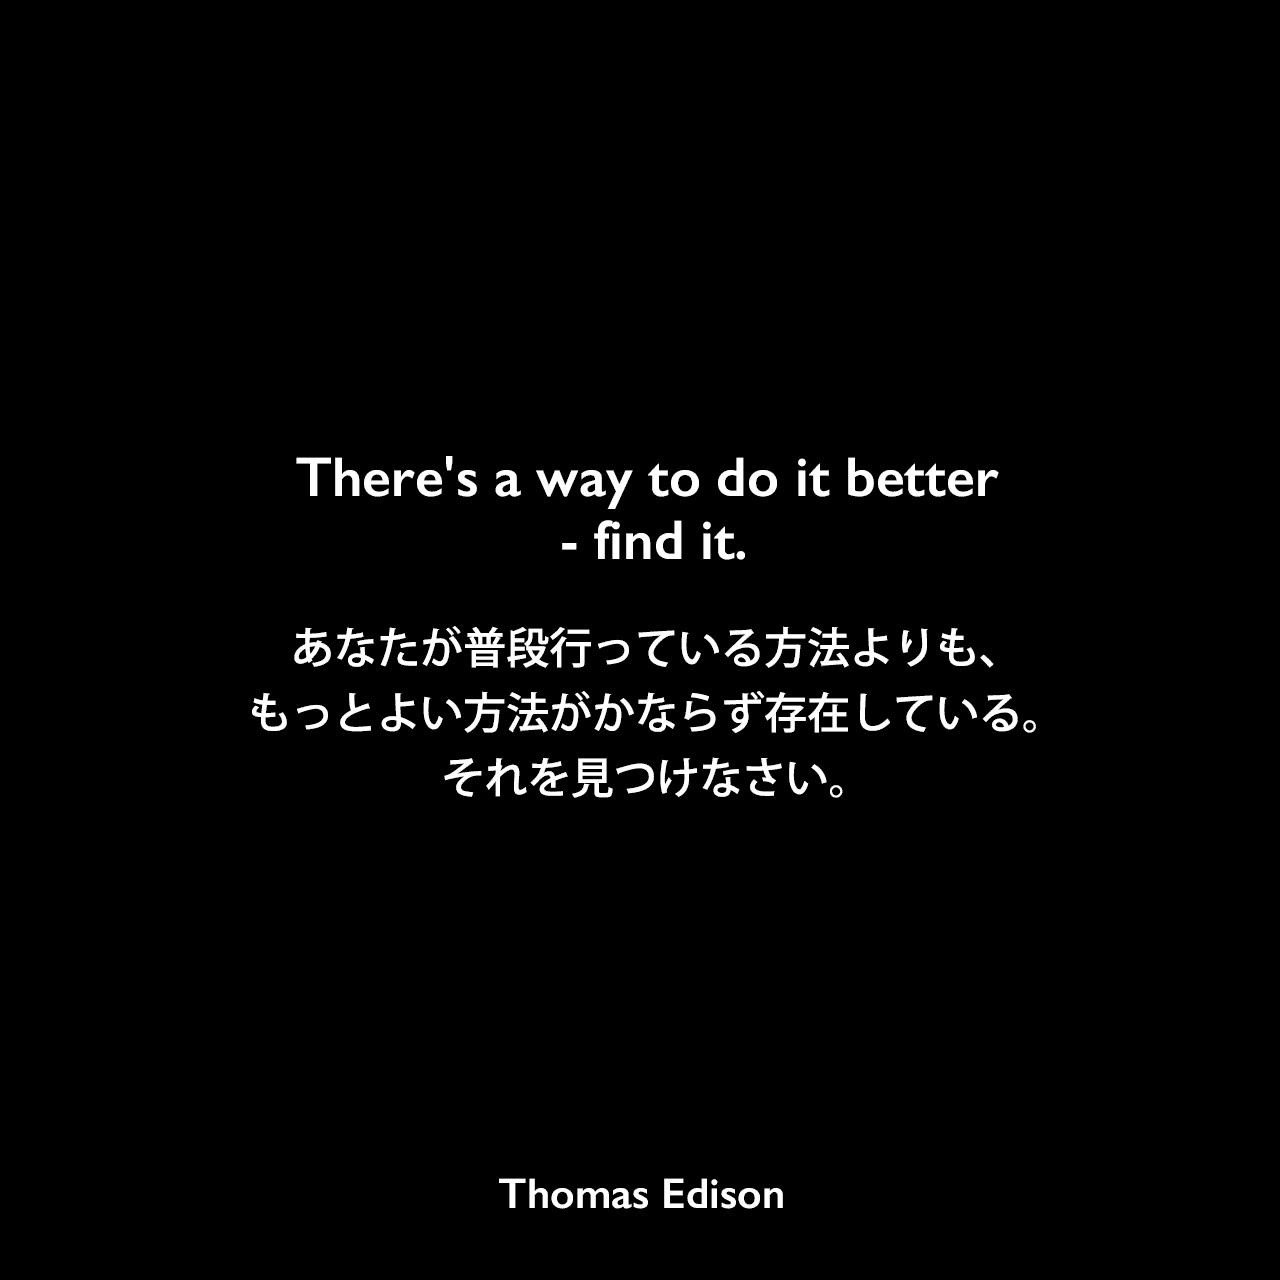 There's a way to do it better - find it.あなたが普段行っている方法よりも、もっとよい方法がかならず存在している。それを見つけなさい。Thomas Edison